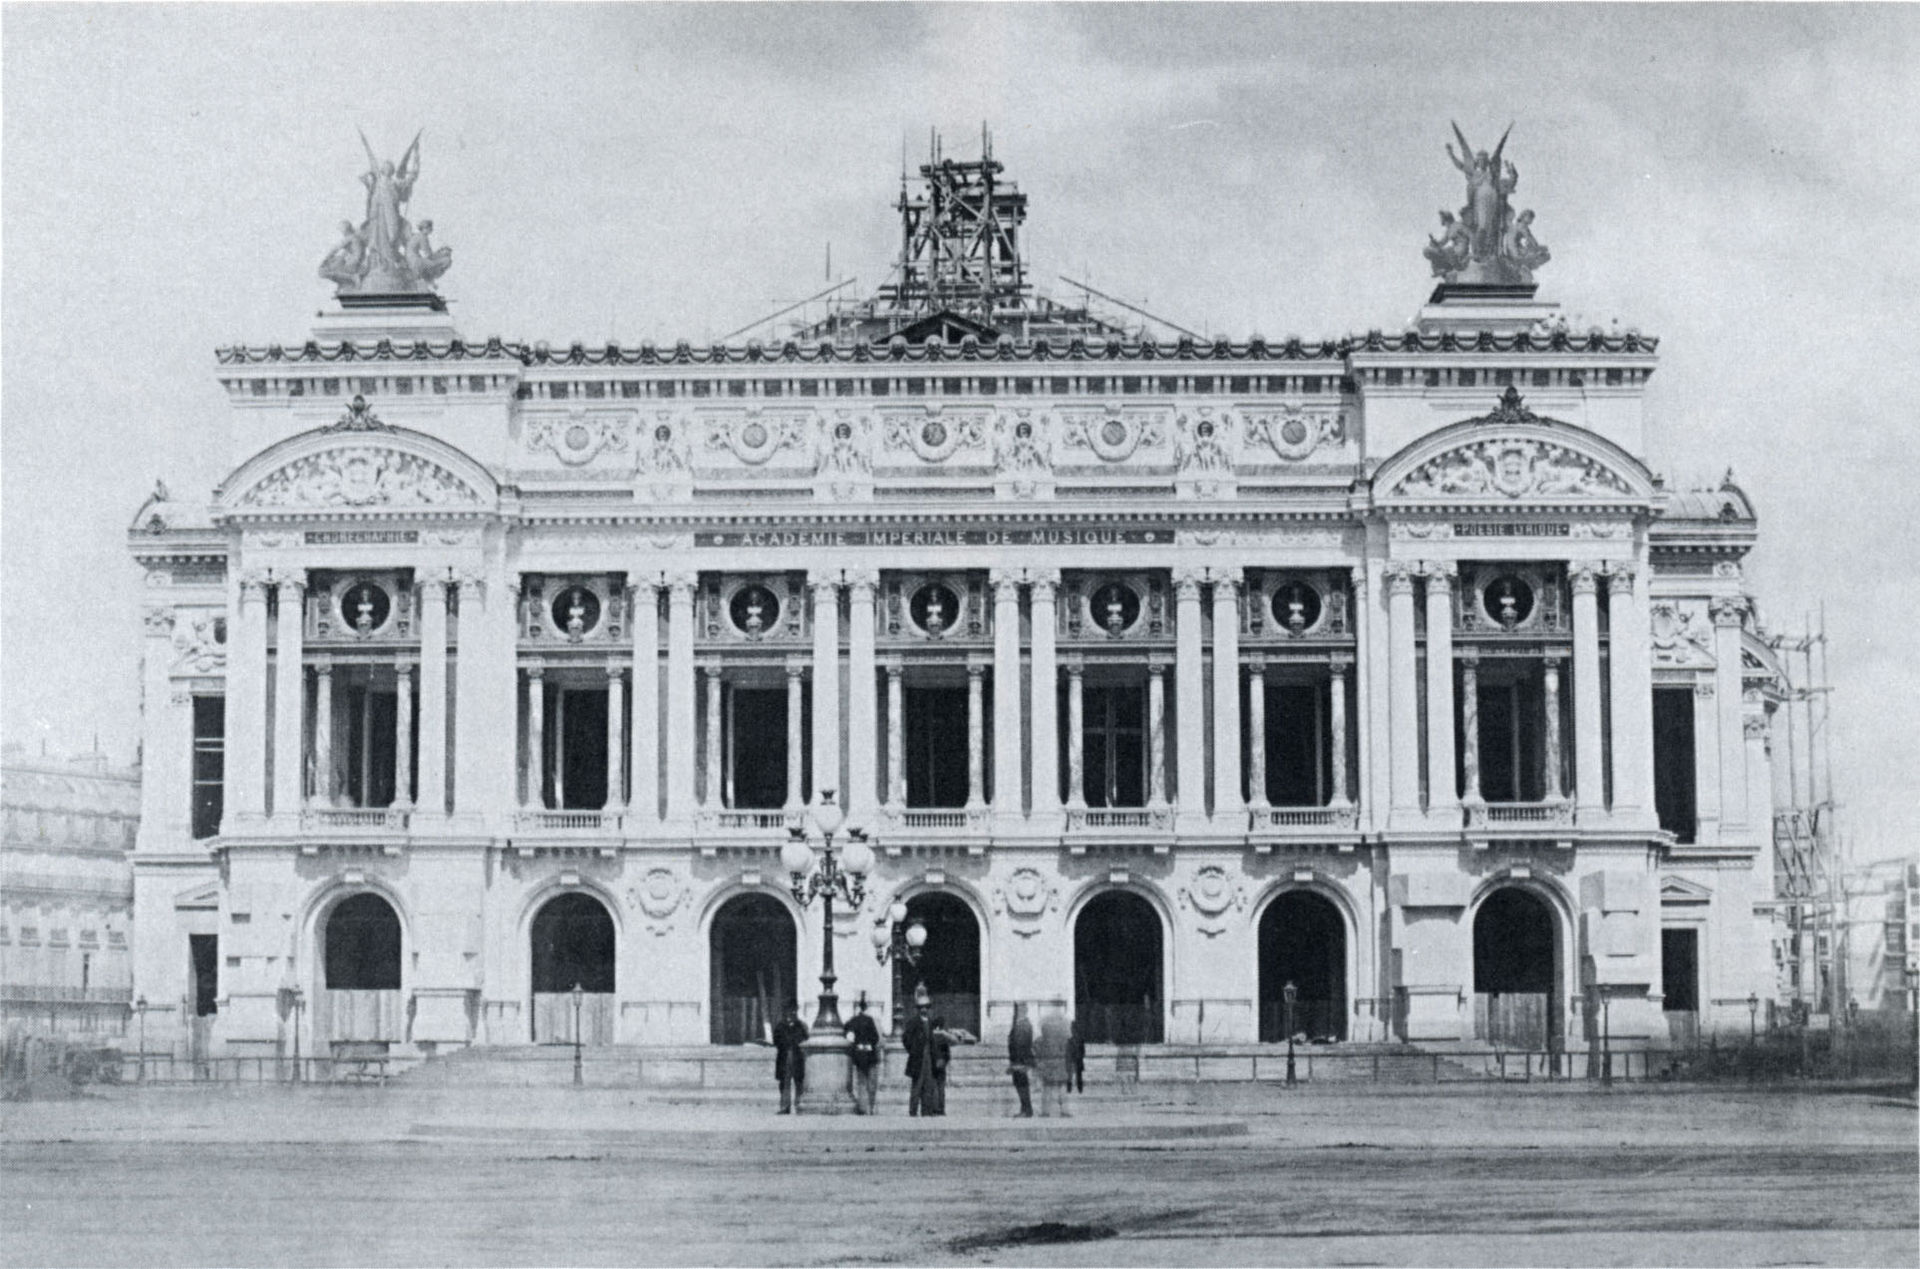 โรงละครปาเลส์การ์นิเย่-สมัยก่อสร้าง